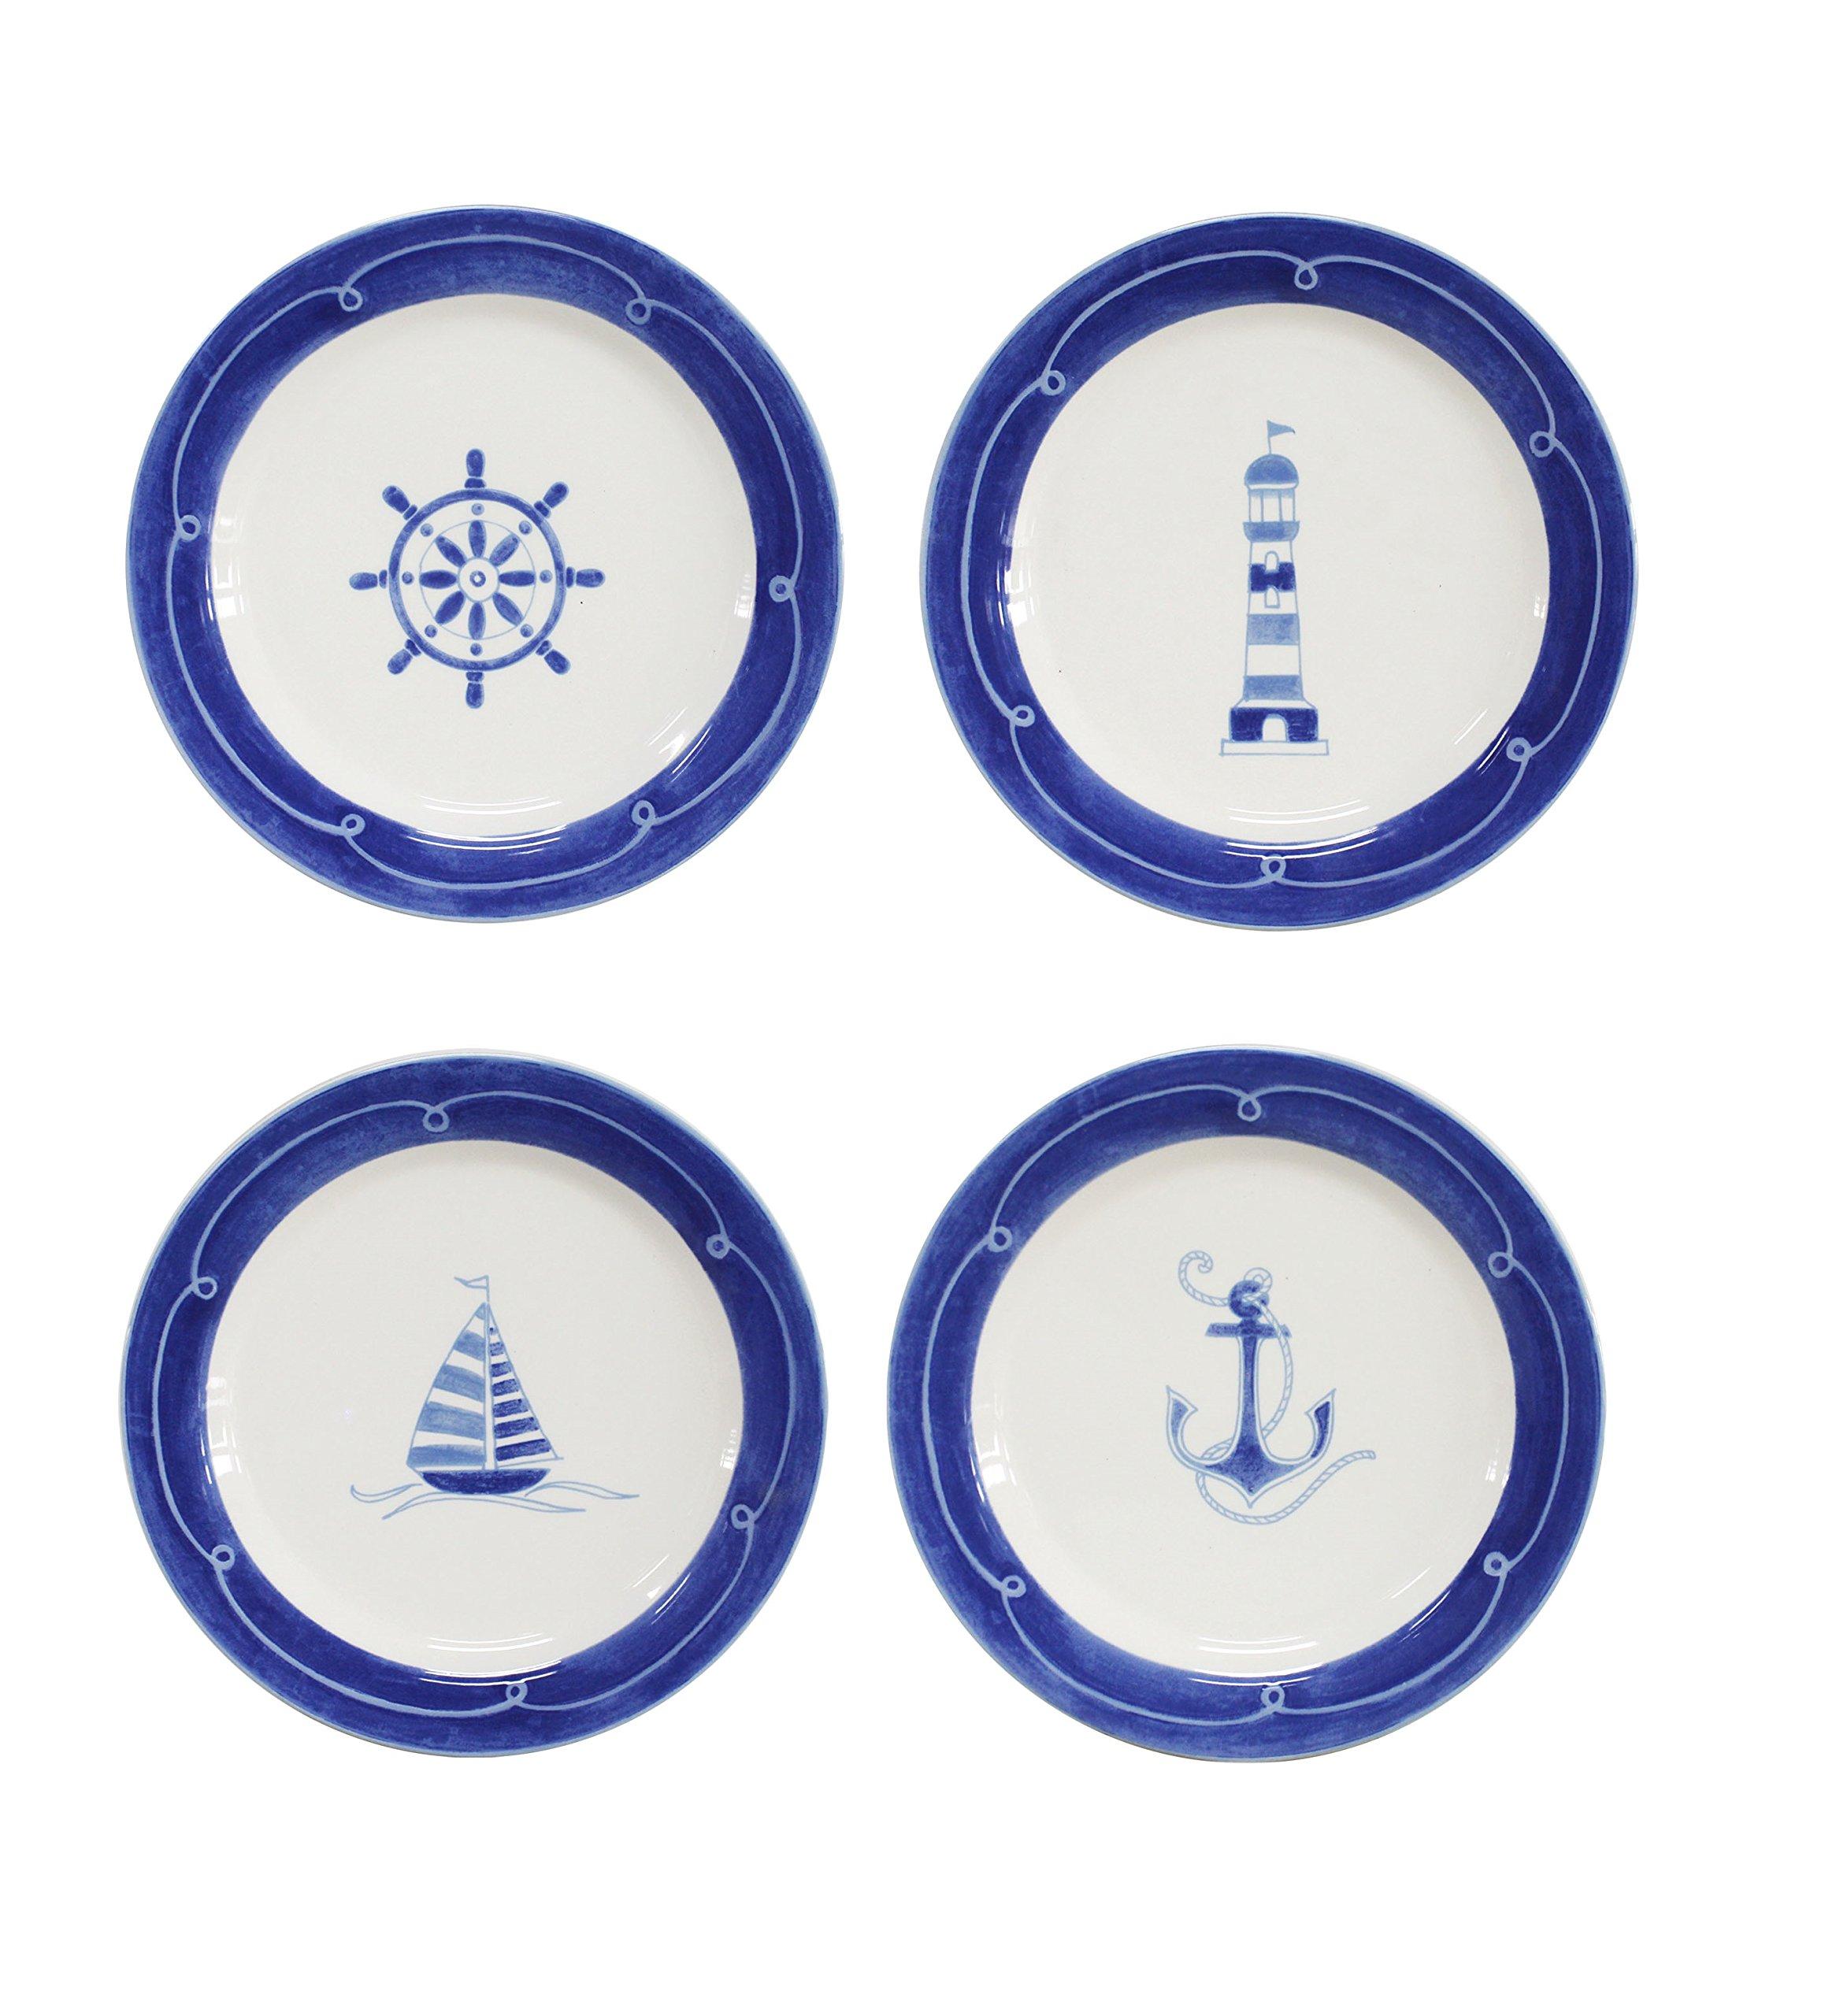 Euro Ceramica Ahoy Collection Nautical 8.7'' Ceramic Salad/Dessert Plates, Set of 4, Assorted Designs, Blue & White